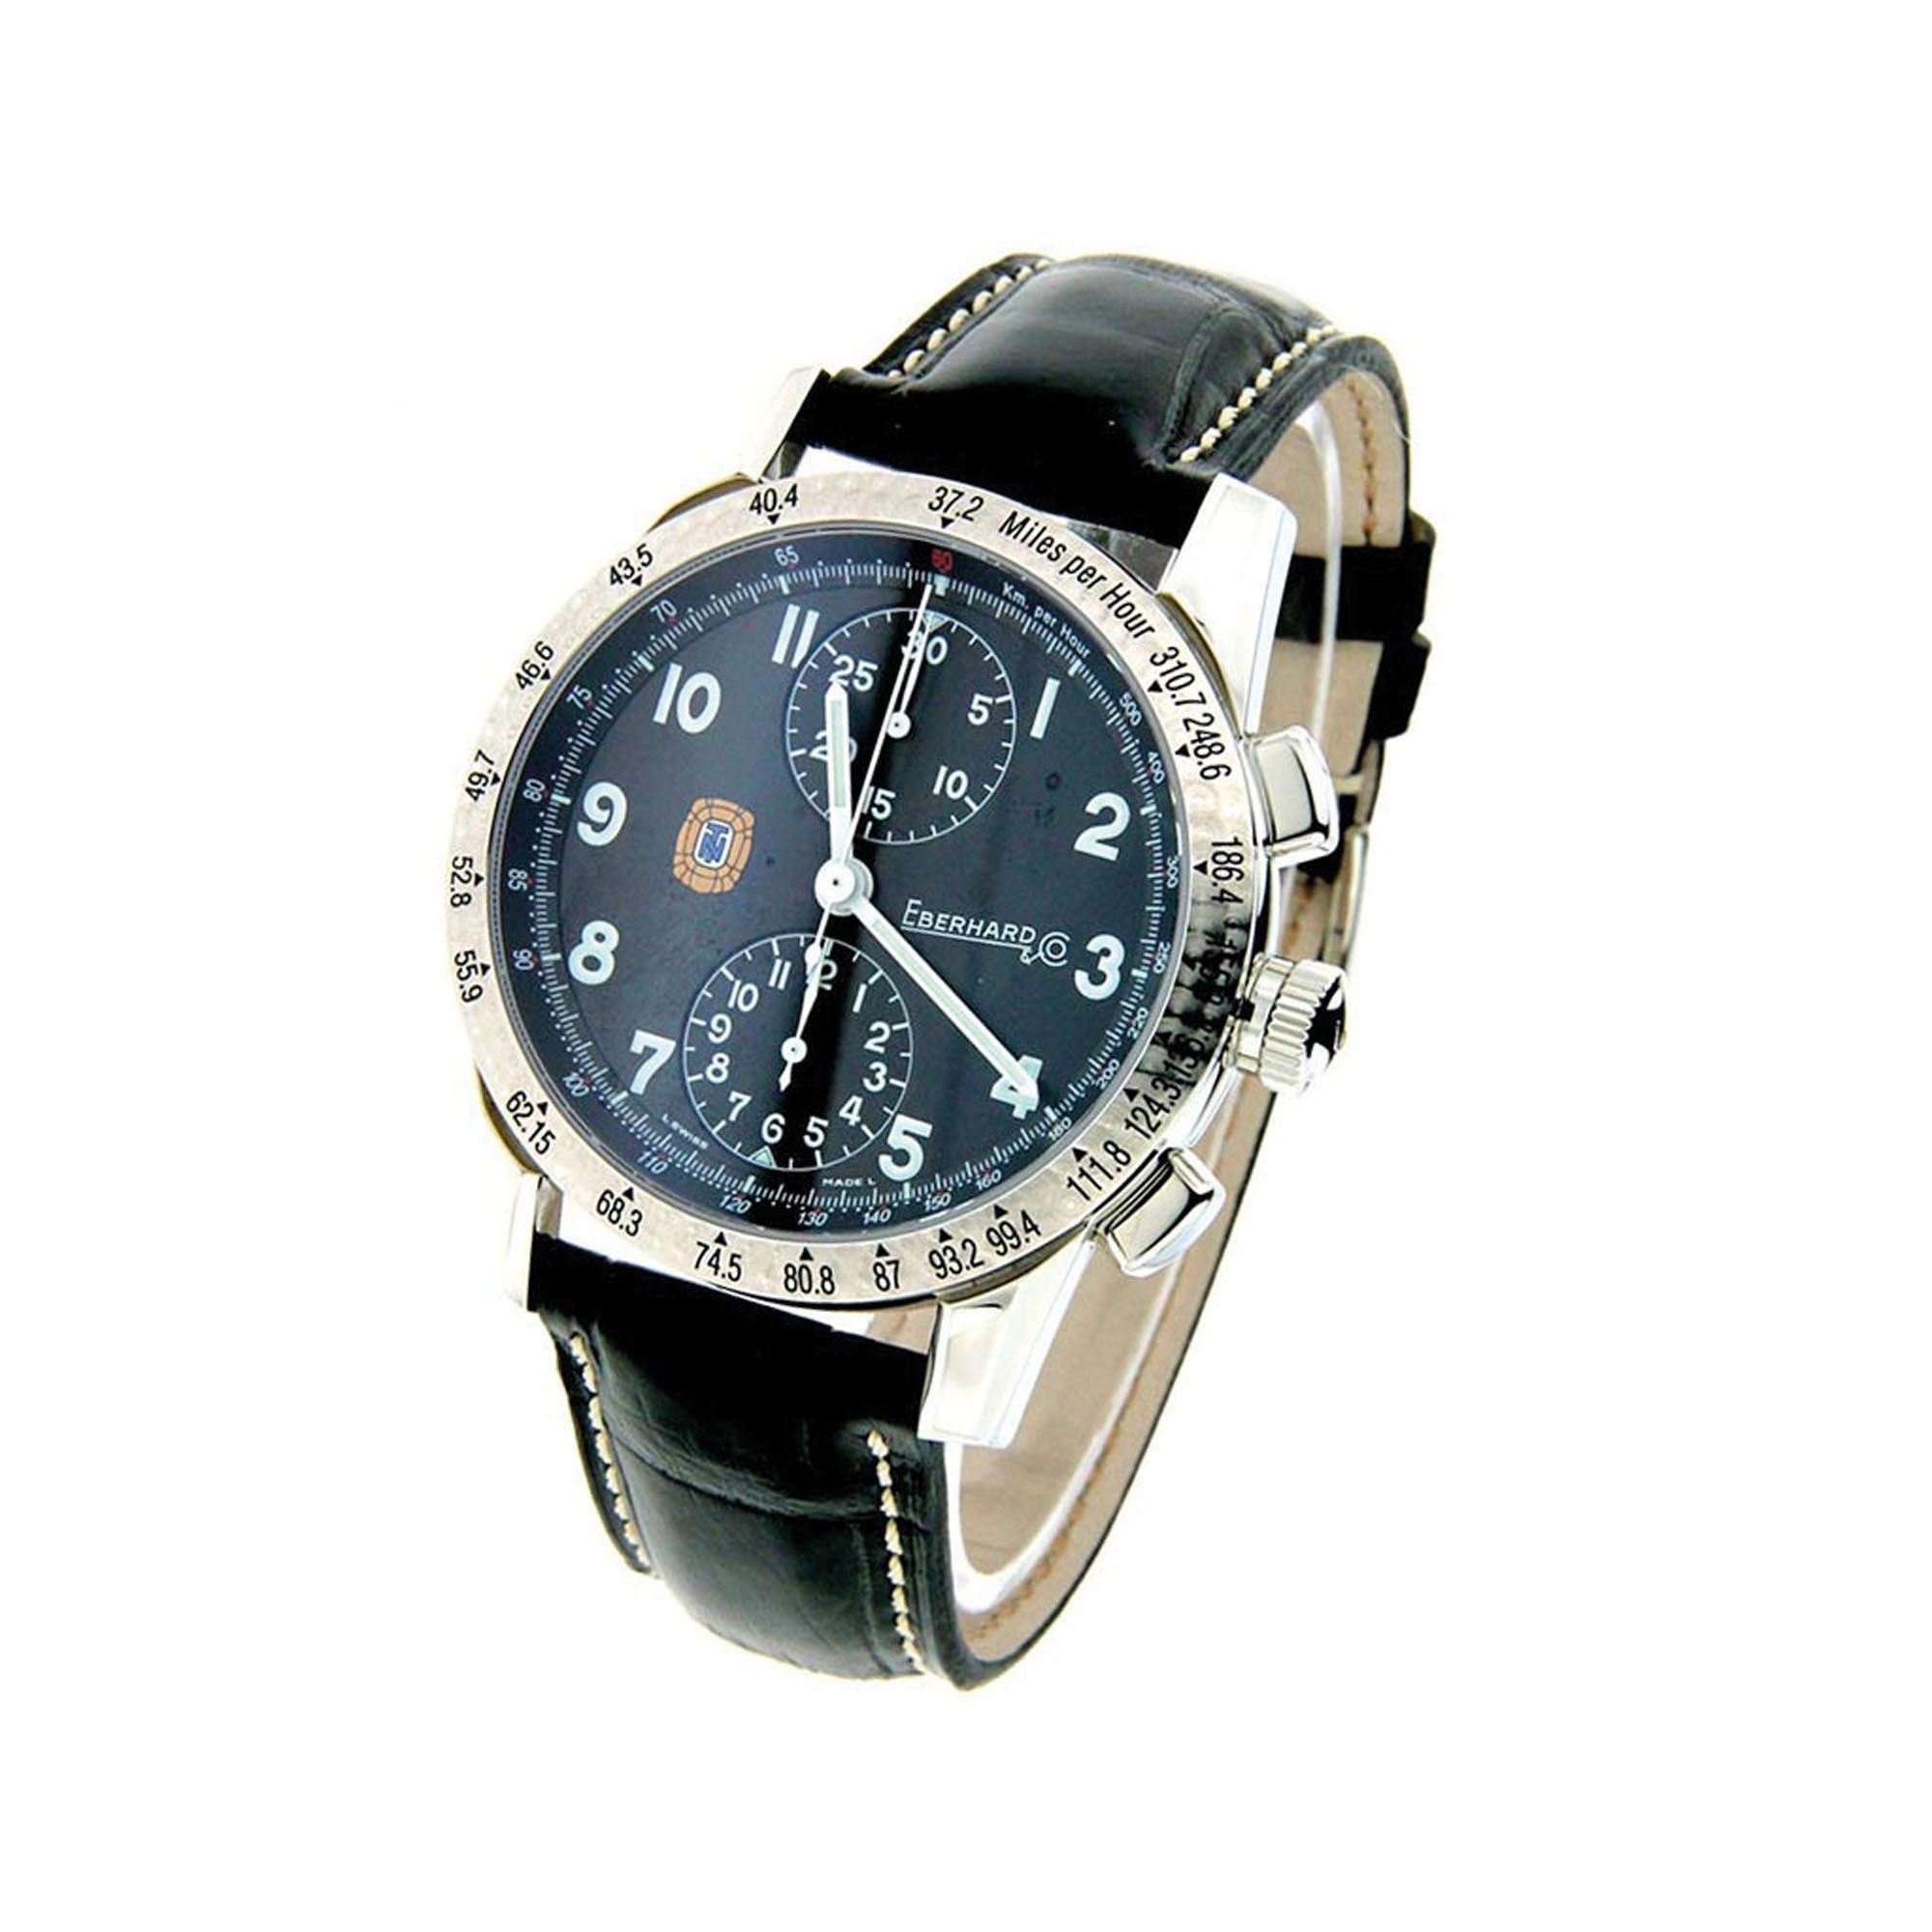 A Eberhard elegeu o piloto Tazio Nuvolari como inspiração para a criação de seus relógios